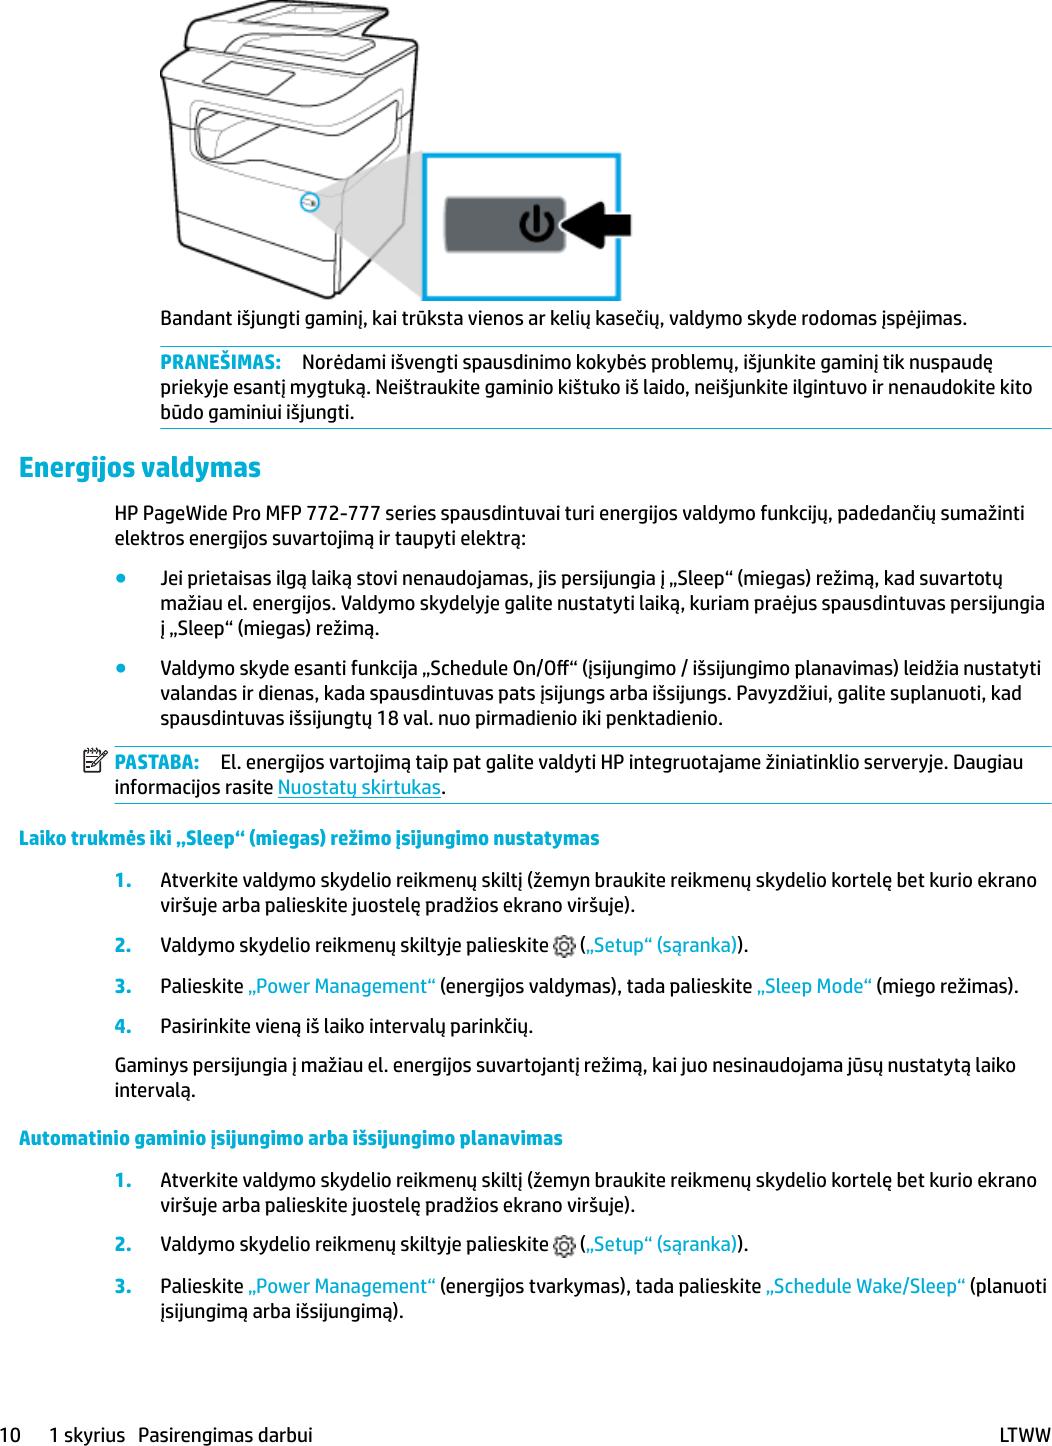 bitkoinų generatorius žodžio variantas vertimas